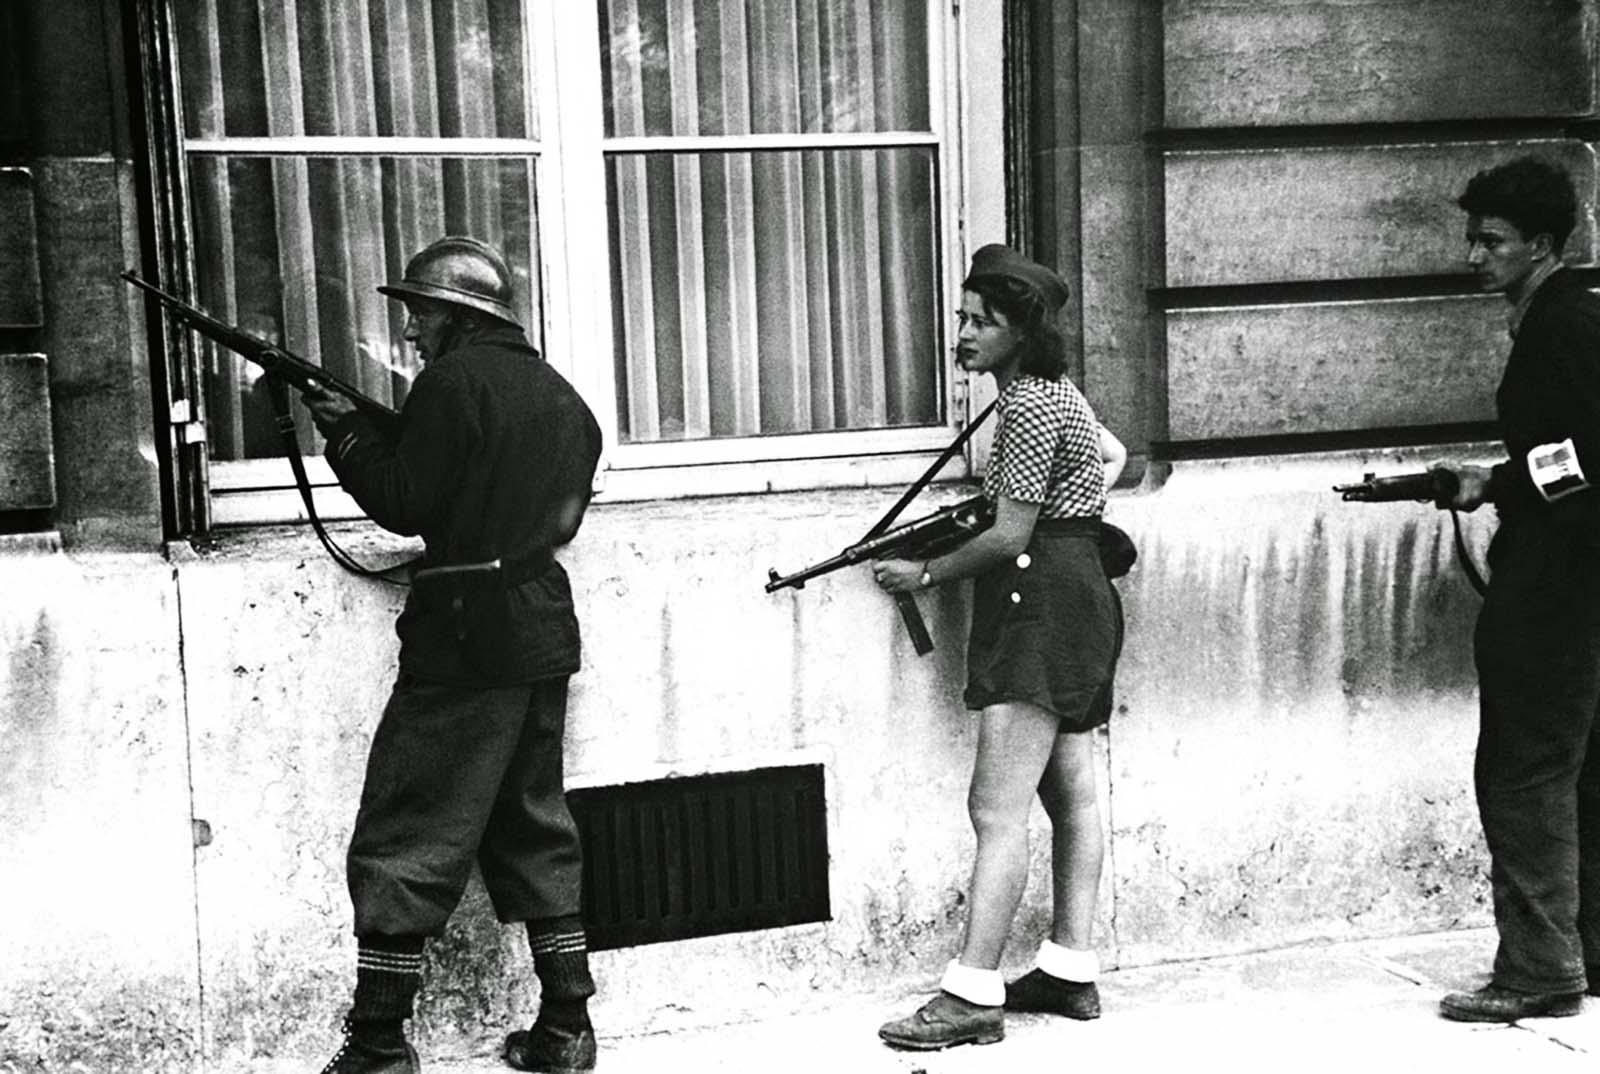 Simone aparece fotografiada cubriéndose durante la liberación de París en agosto de 1944.